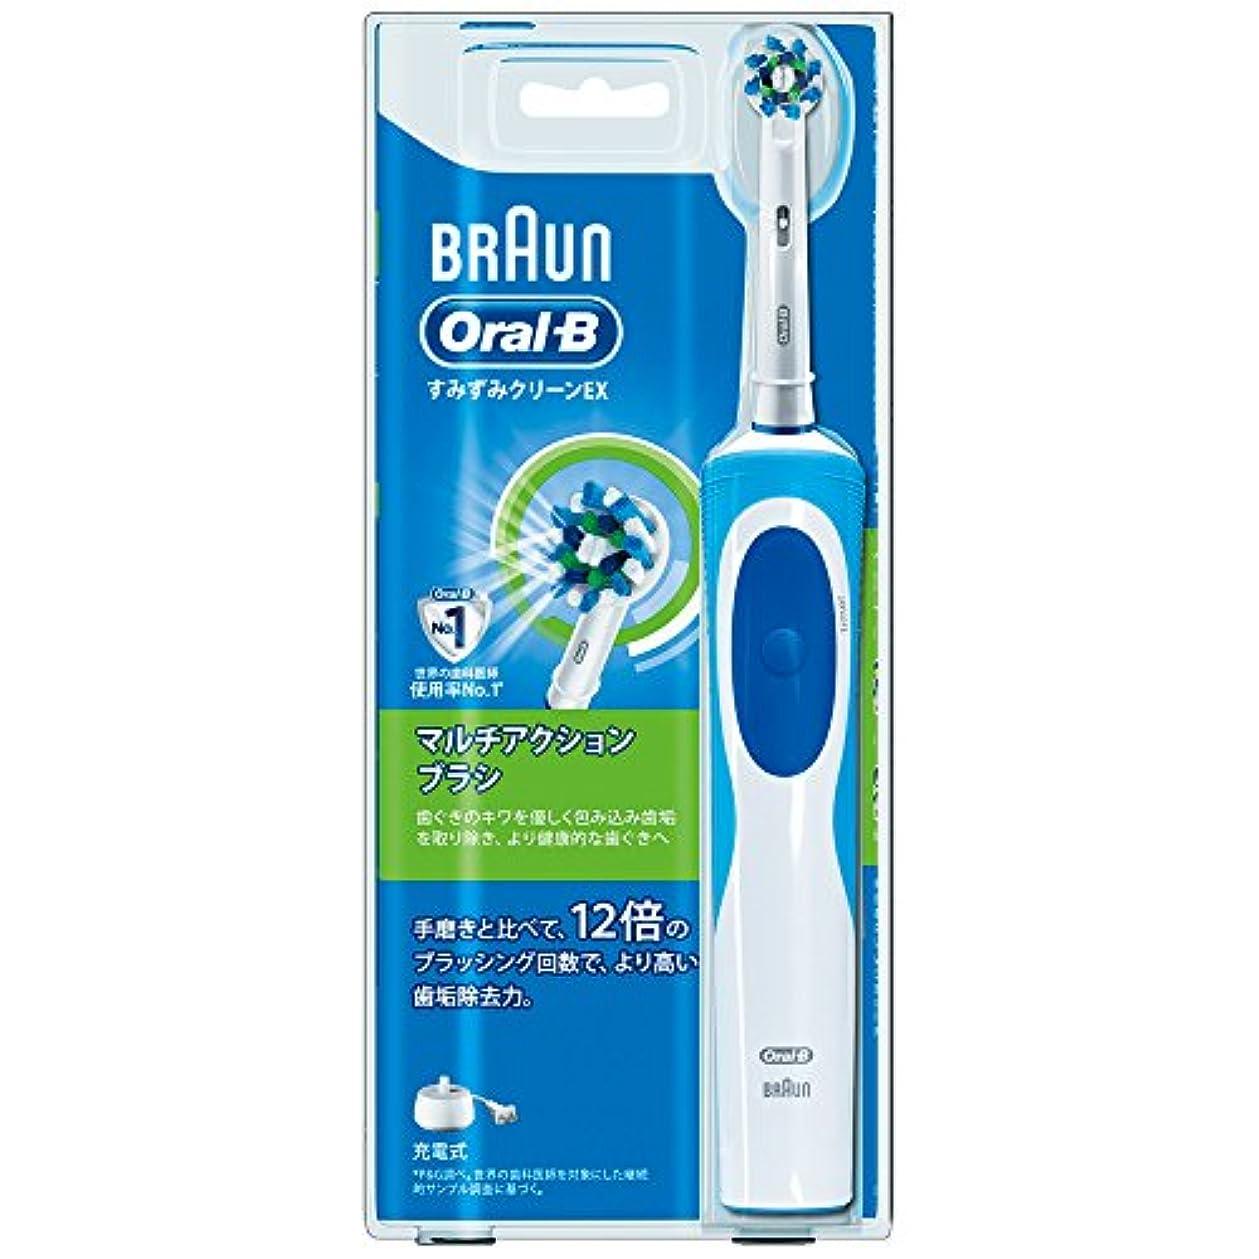 感謝祭マーカーサイレンブラウン オーラルB 電動歯ブラシ すみずみクリーンEX (D12013A)